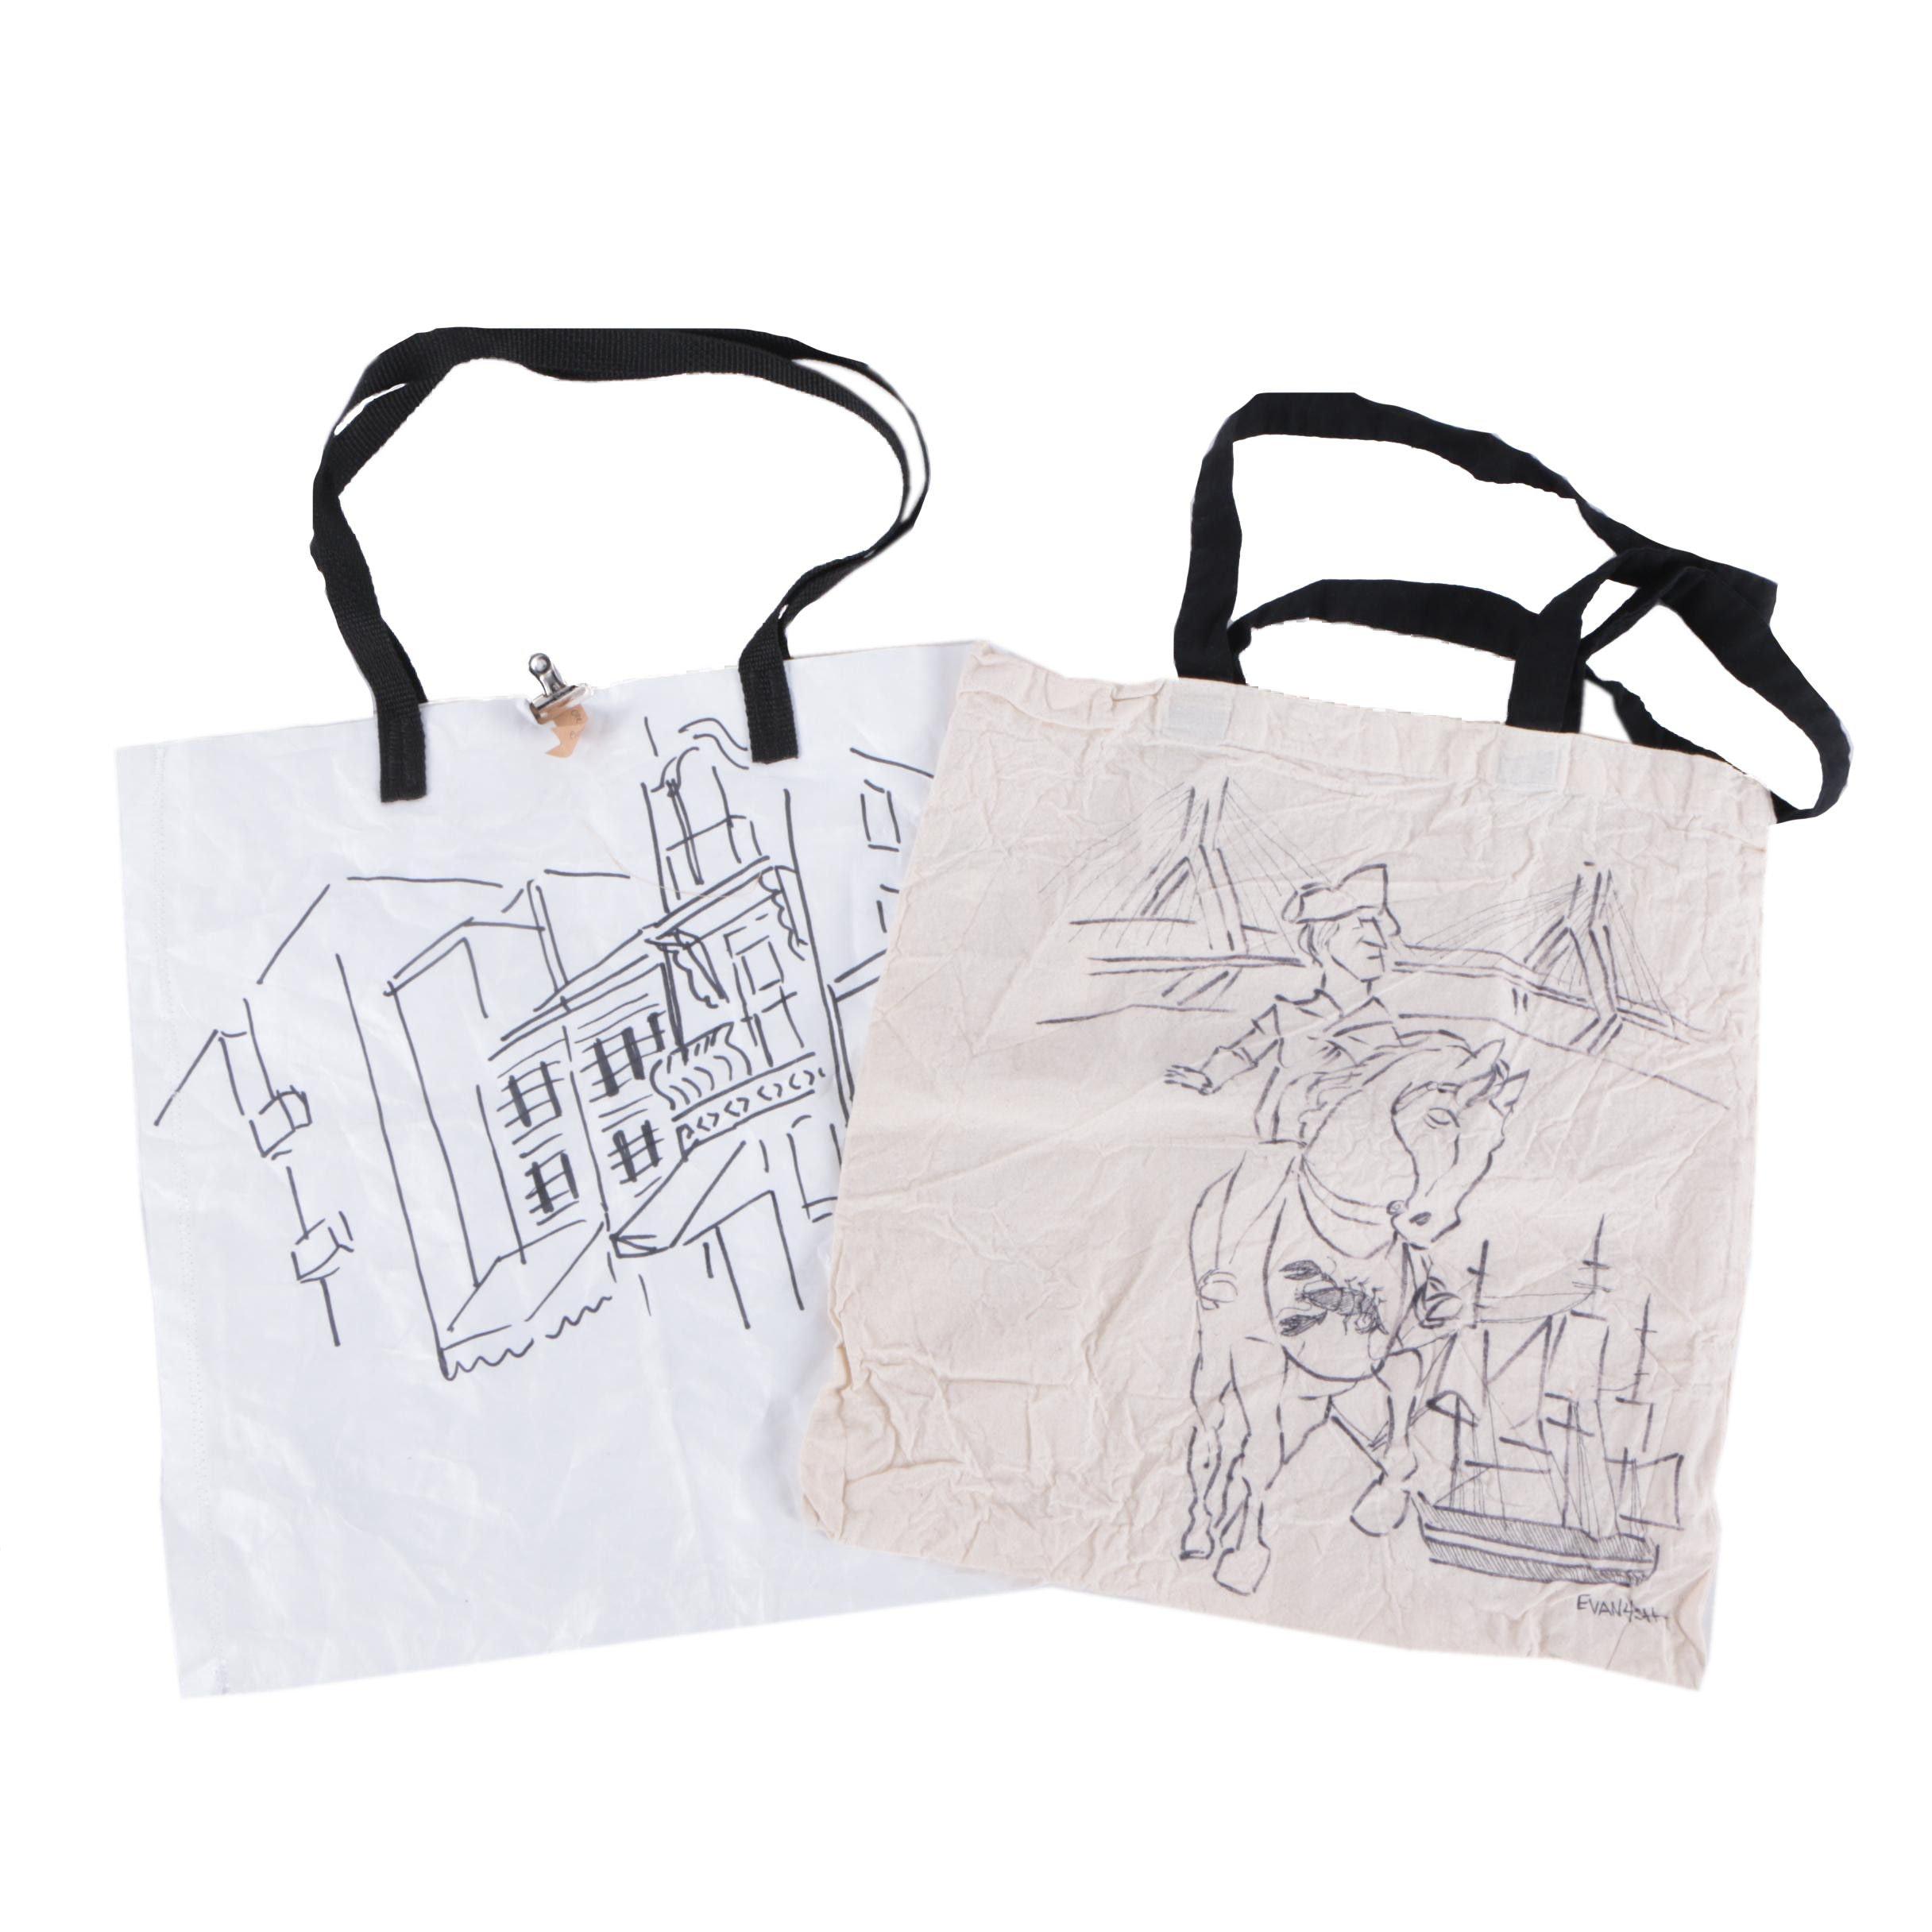 Evan Forsch Ink Drawings on Tote Bags